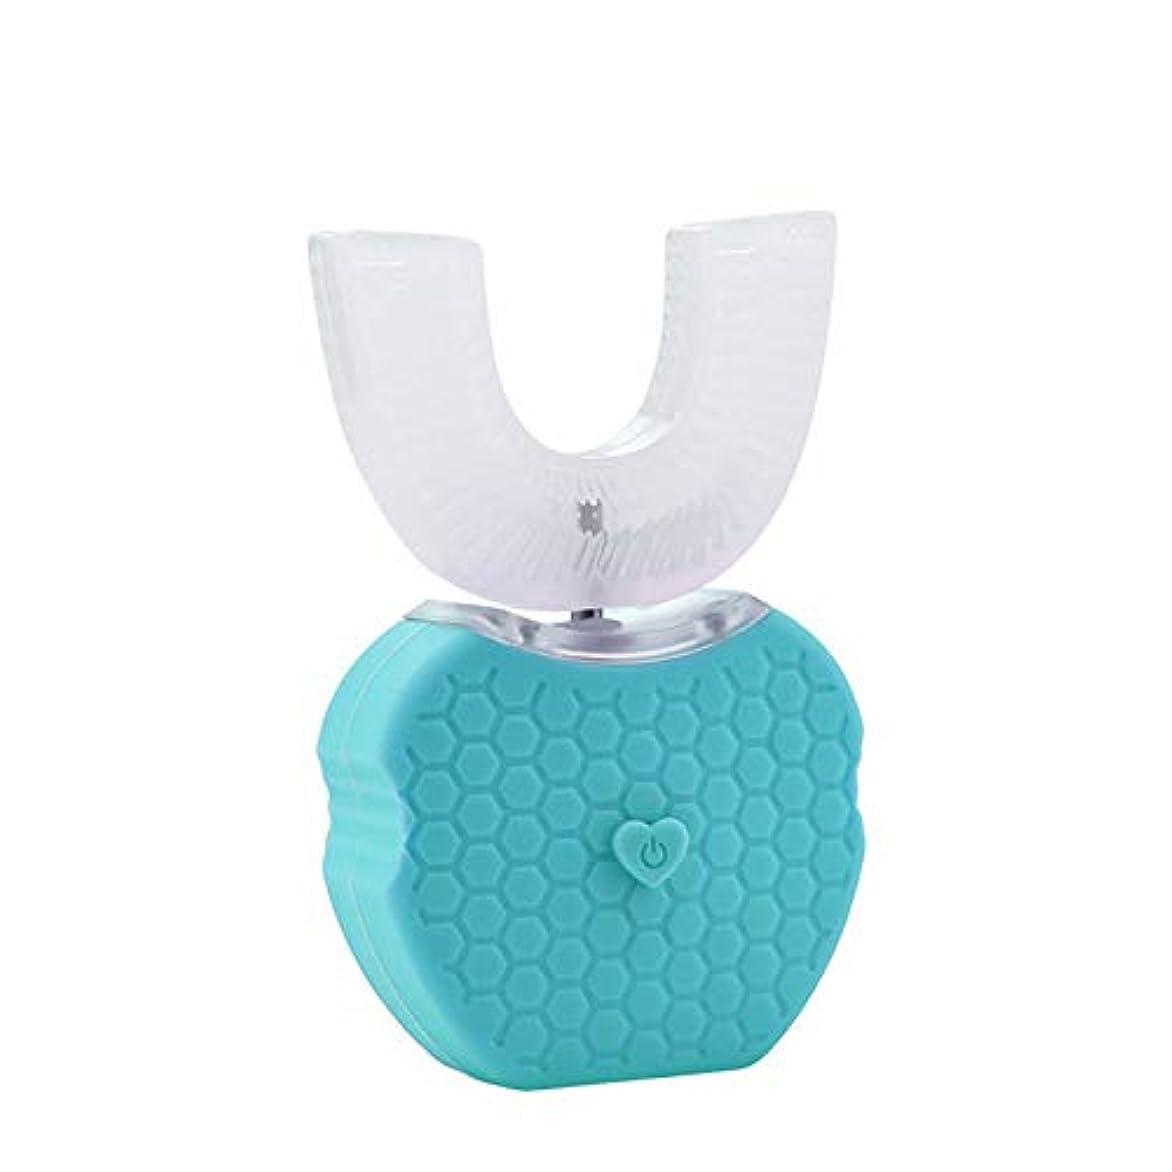 責めデクリメント説明フルオートマチック可変周波数電動歯ブラシ、自動360度U字型電動歯ブラシ、ワイヤレス充電IPX7防水自動歯ブラシ(大人用),Blue